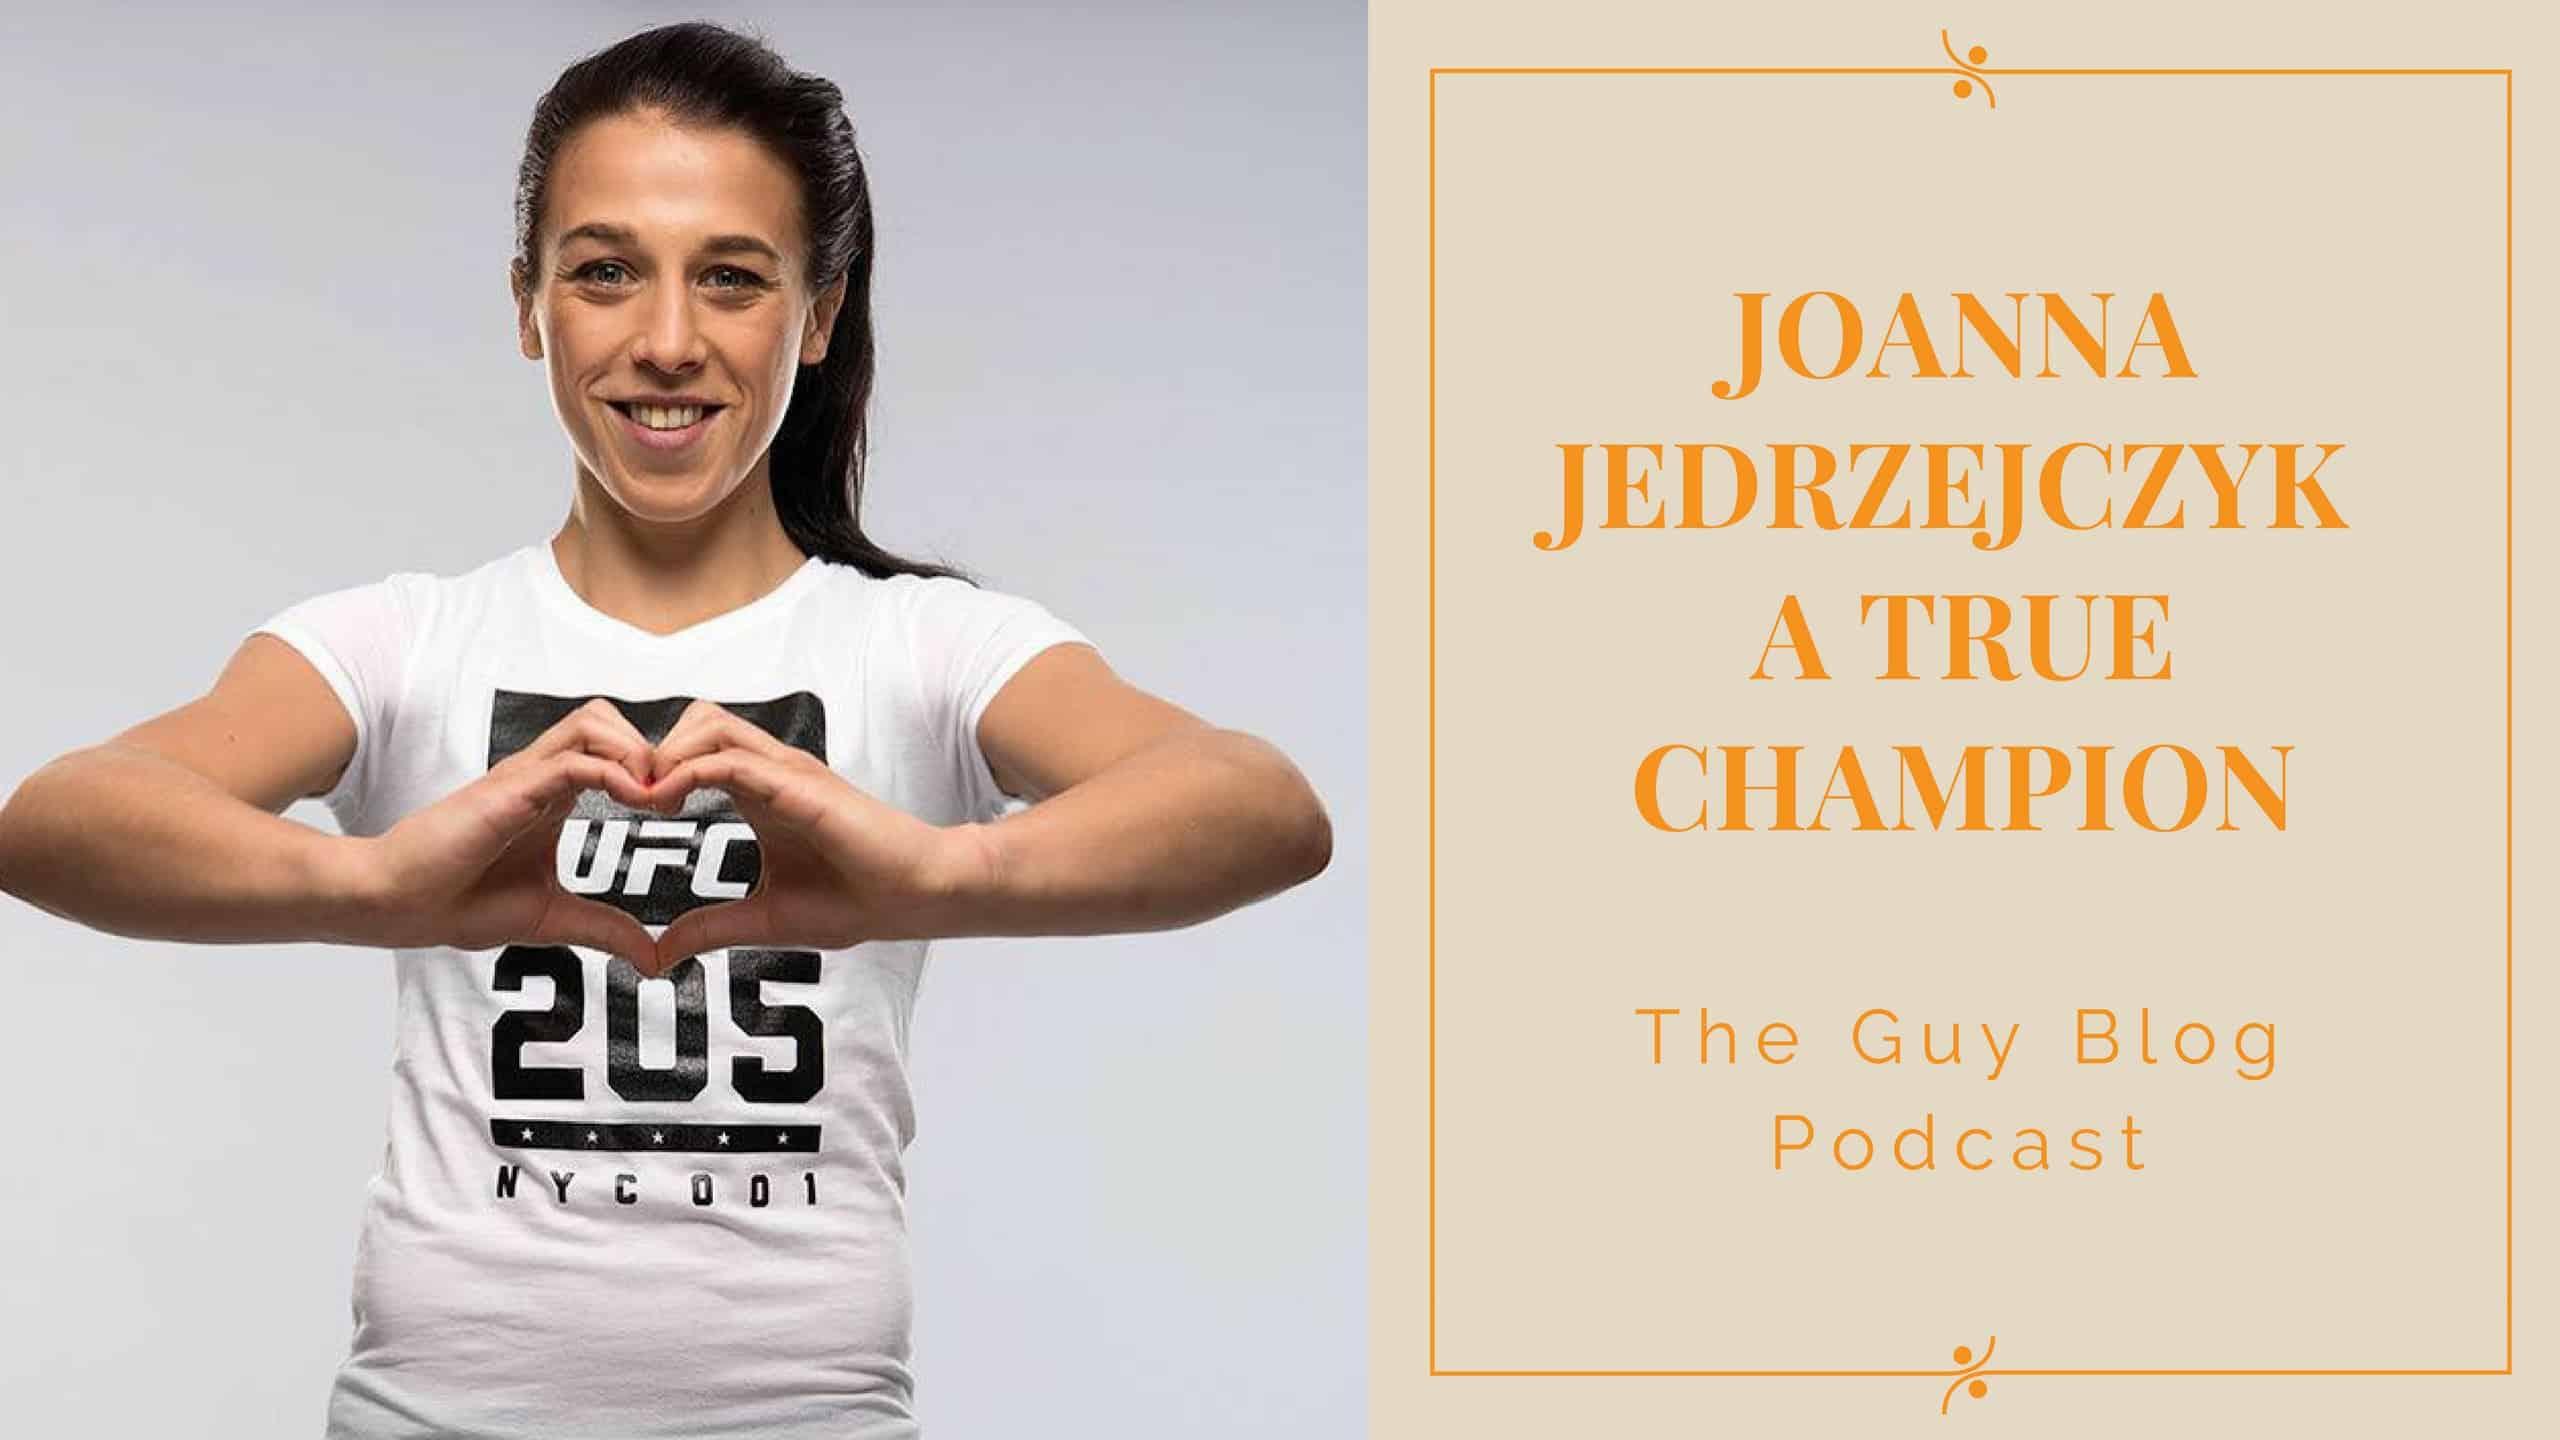 TGBP 046 Joanna Jedrzejczyk A True Champion